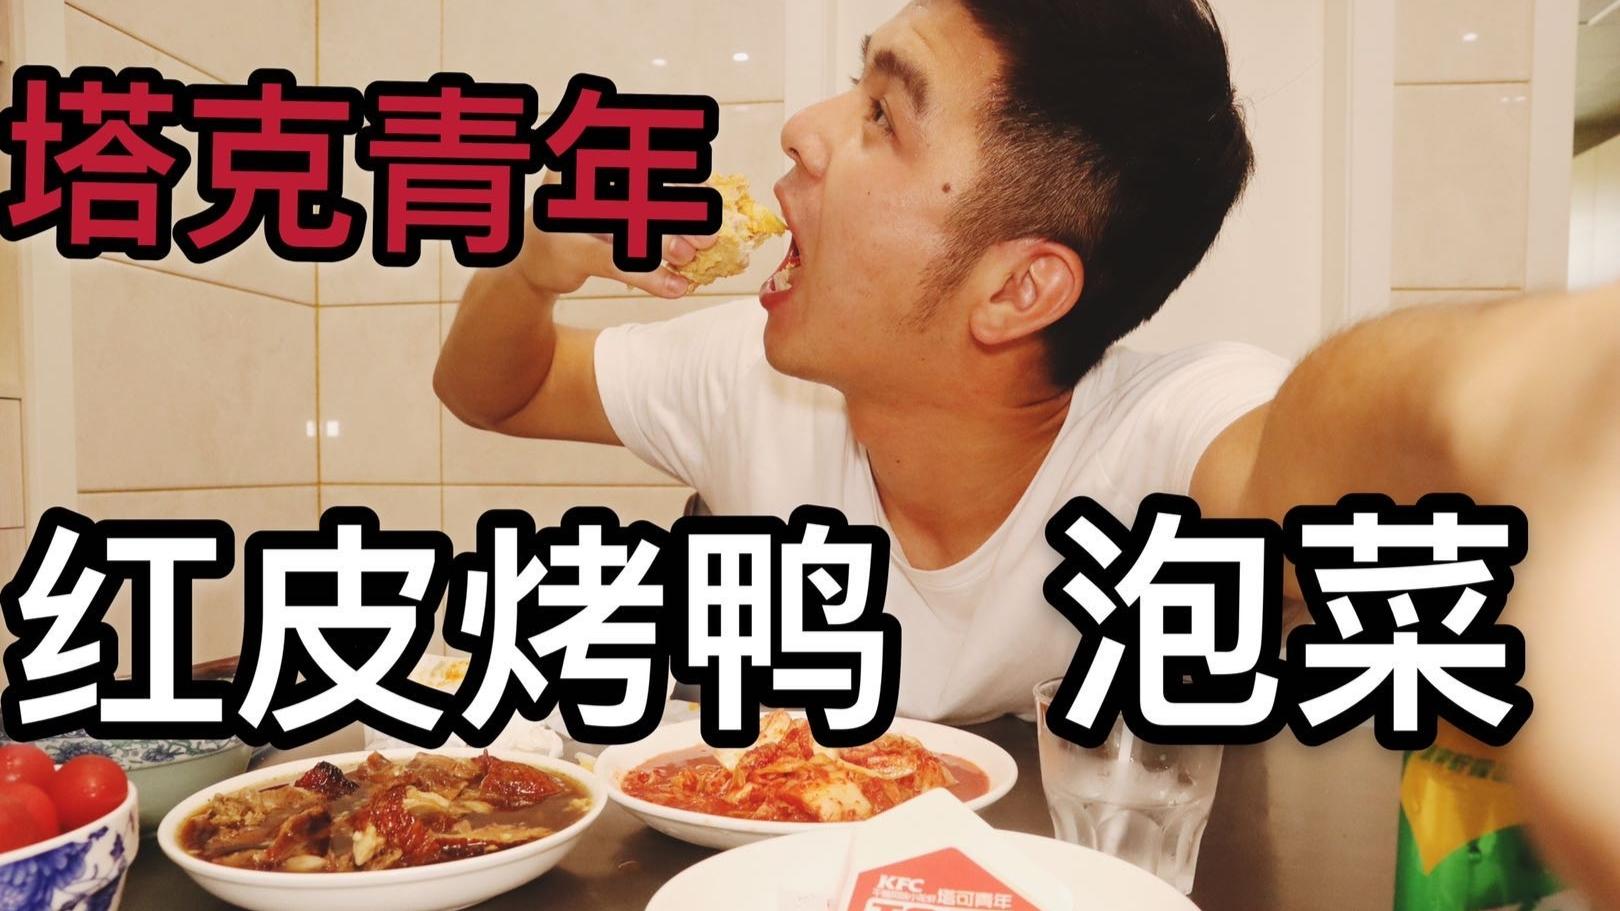 肯德基塔克青年+红皮烤鸭+泡菜!!肥宅的快乐你想象不到!